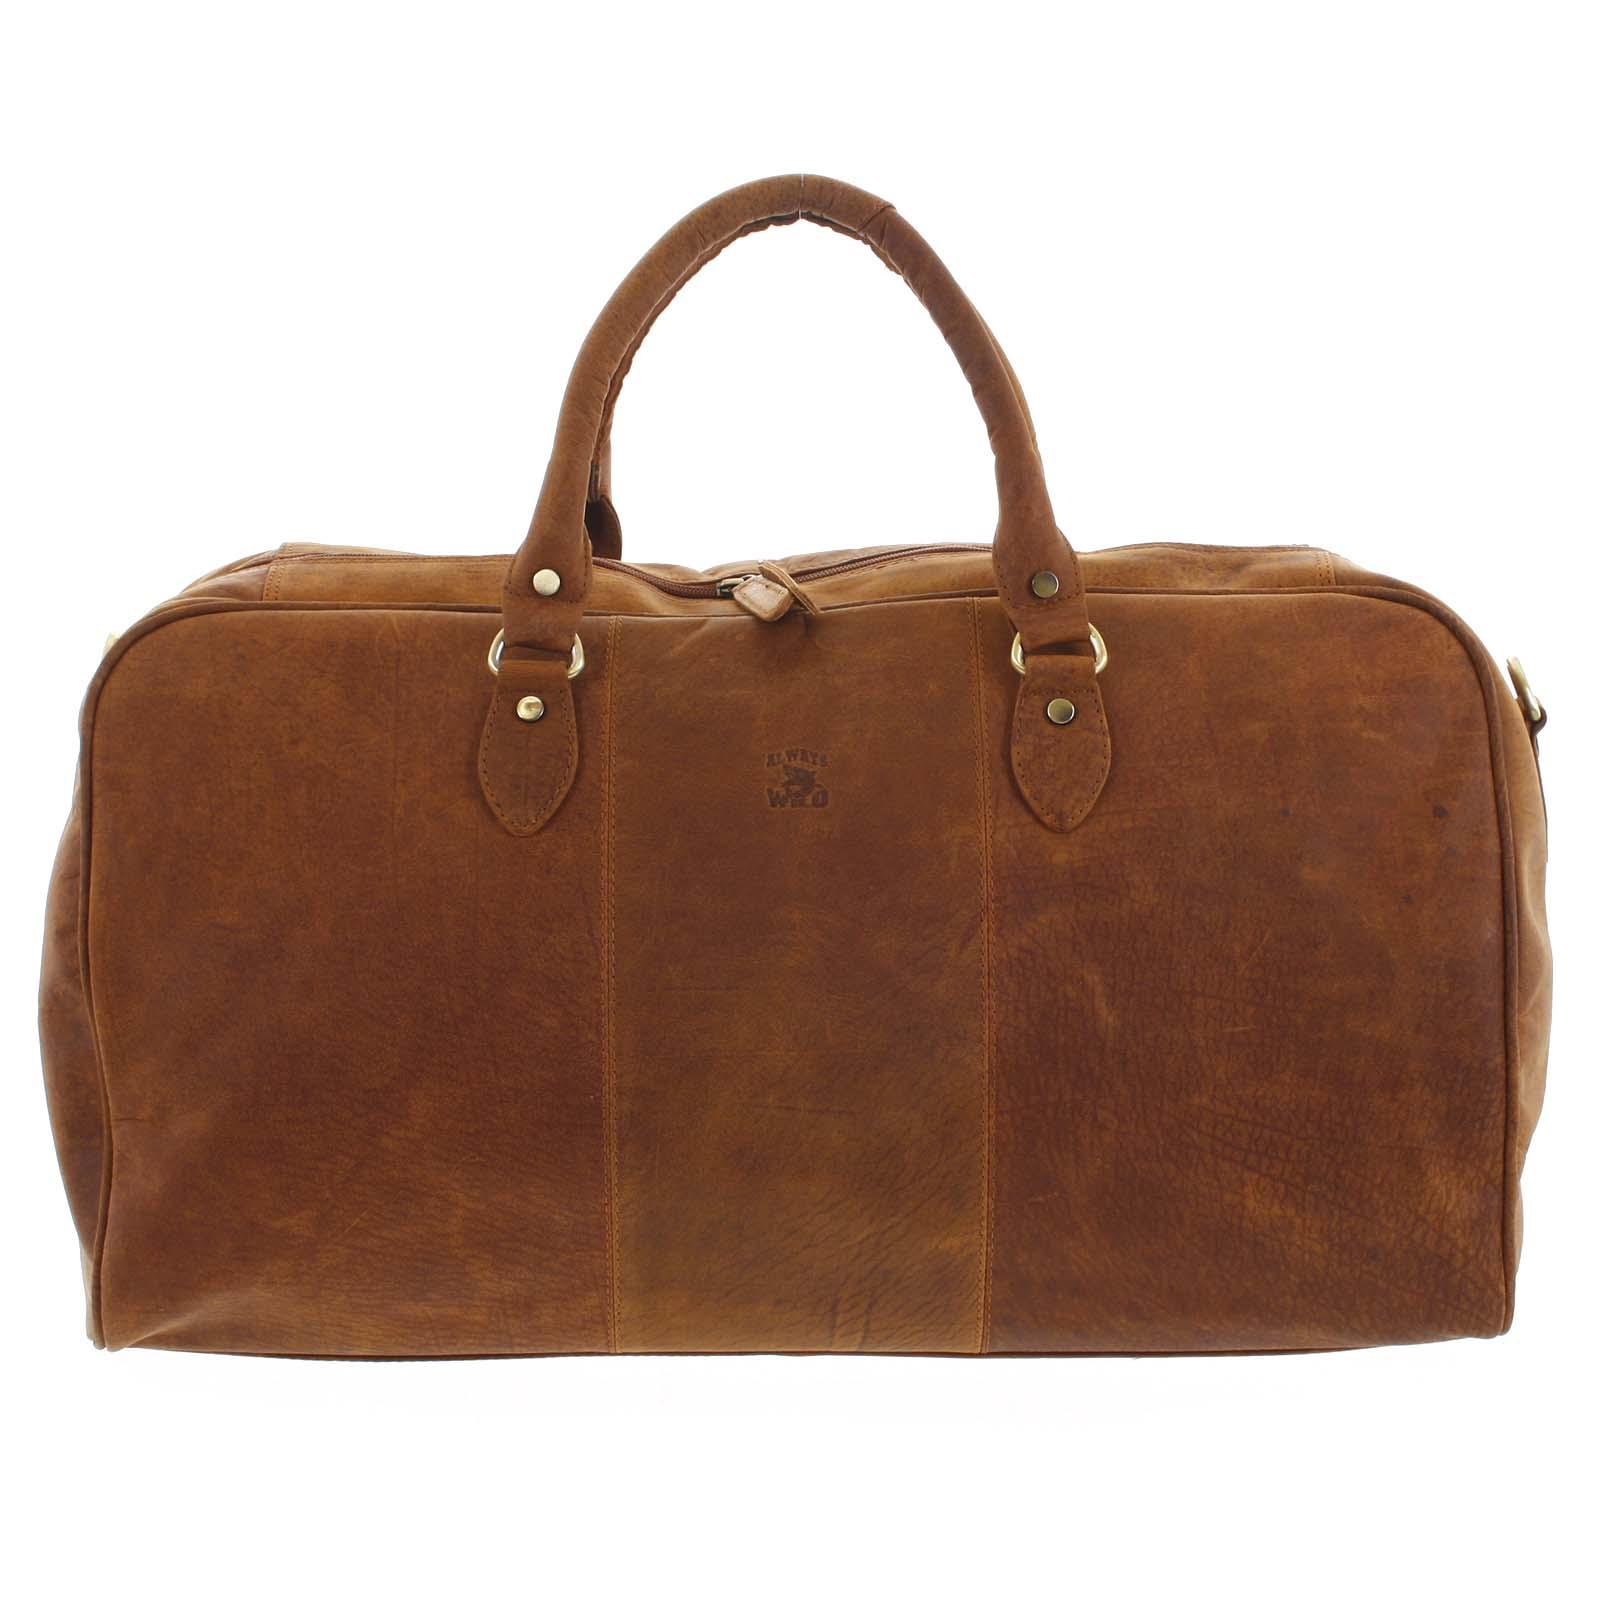 Velká cestovní kožená taška světle hnědá - WILD Aurimas